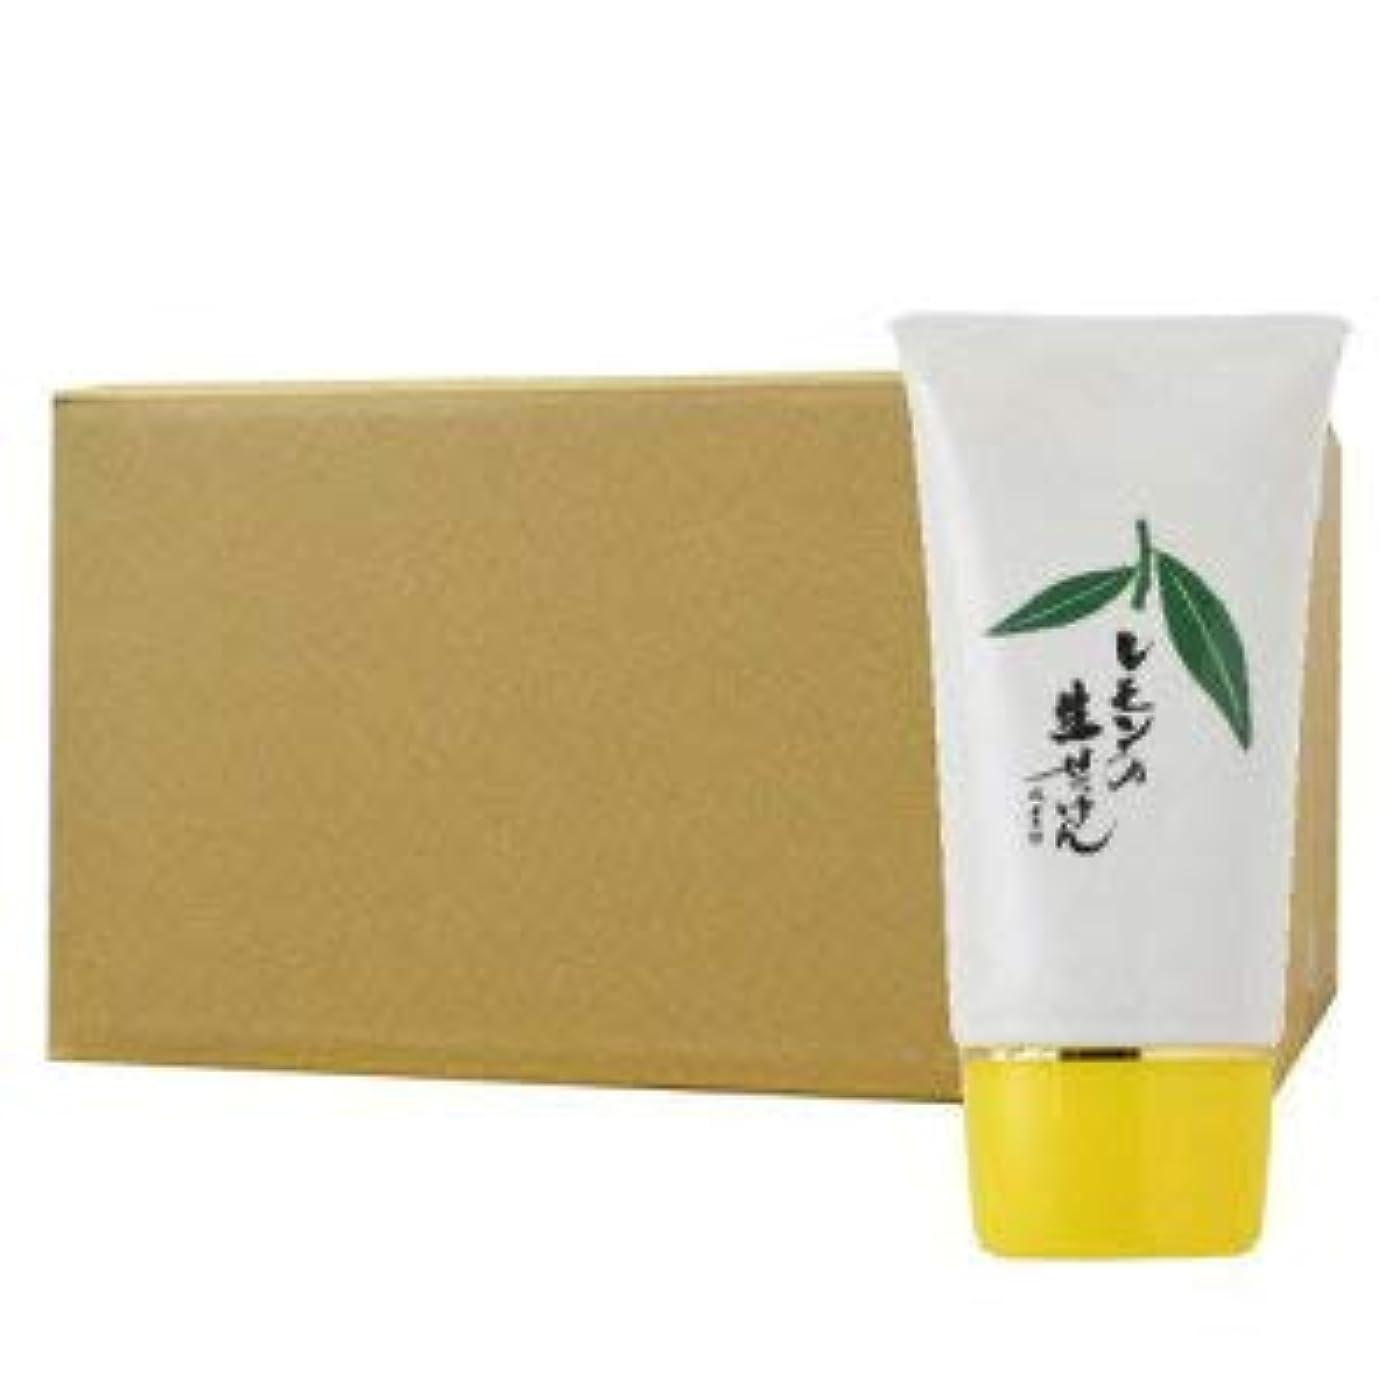 恐ろしい放棄する含めるUYEKI美香柑レモンの生せっけん70g×60個セット